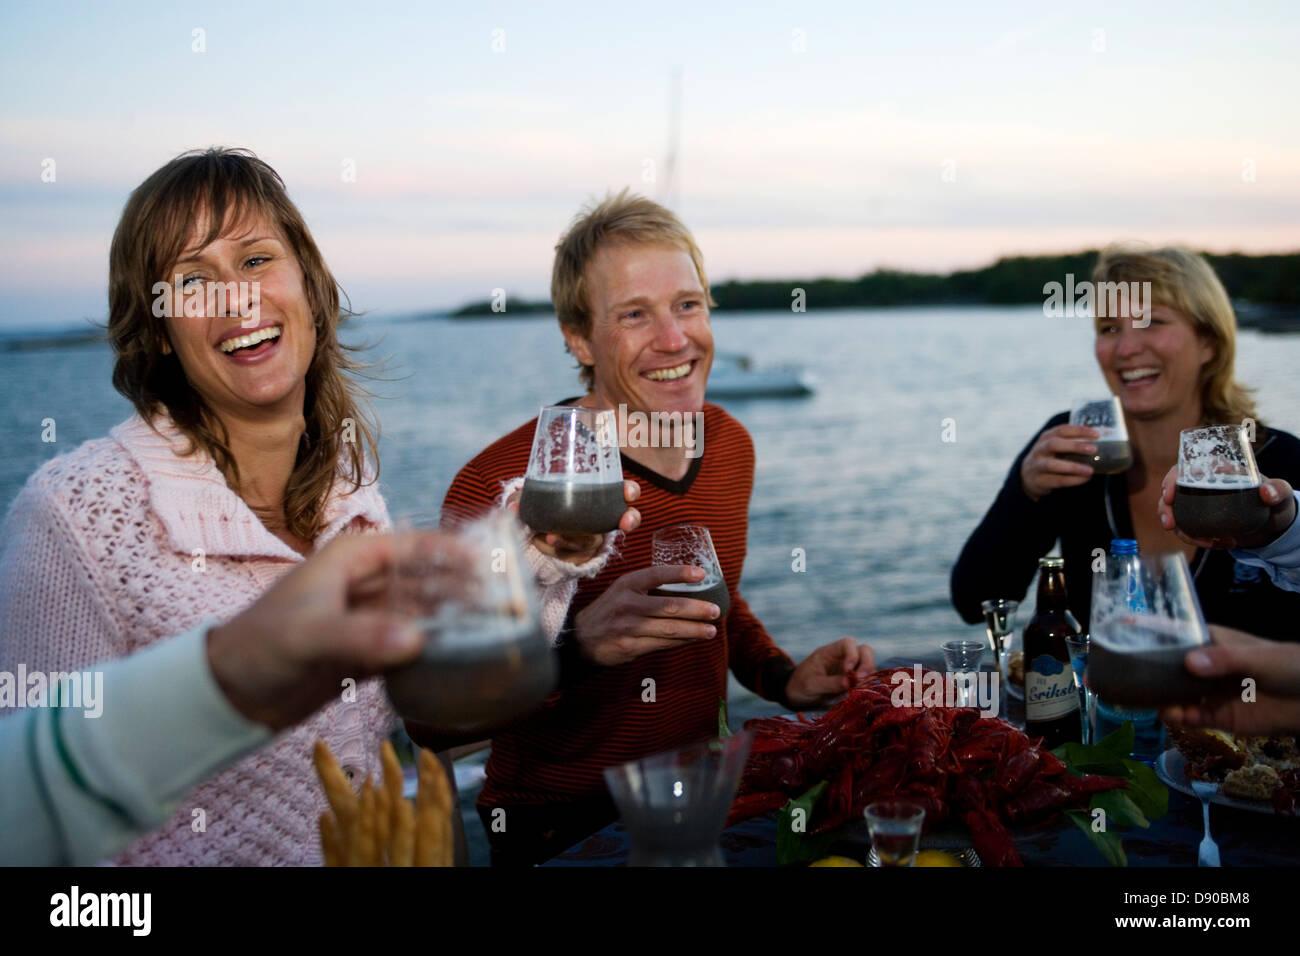 Party des écrevisses, Fejan, archipel de Stockholm. Banque D'Images